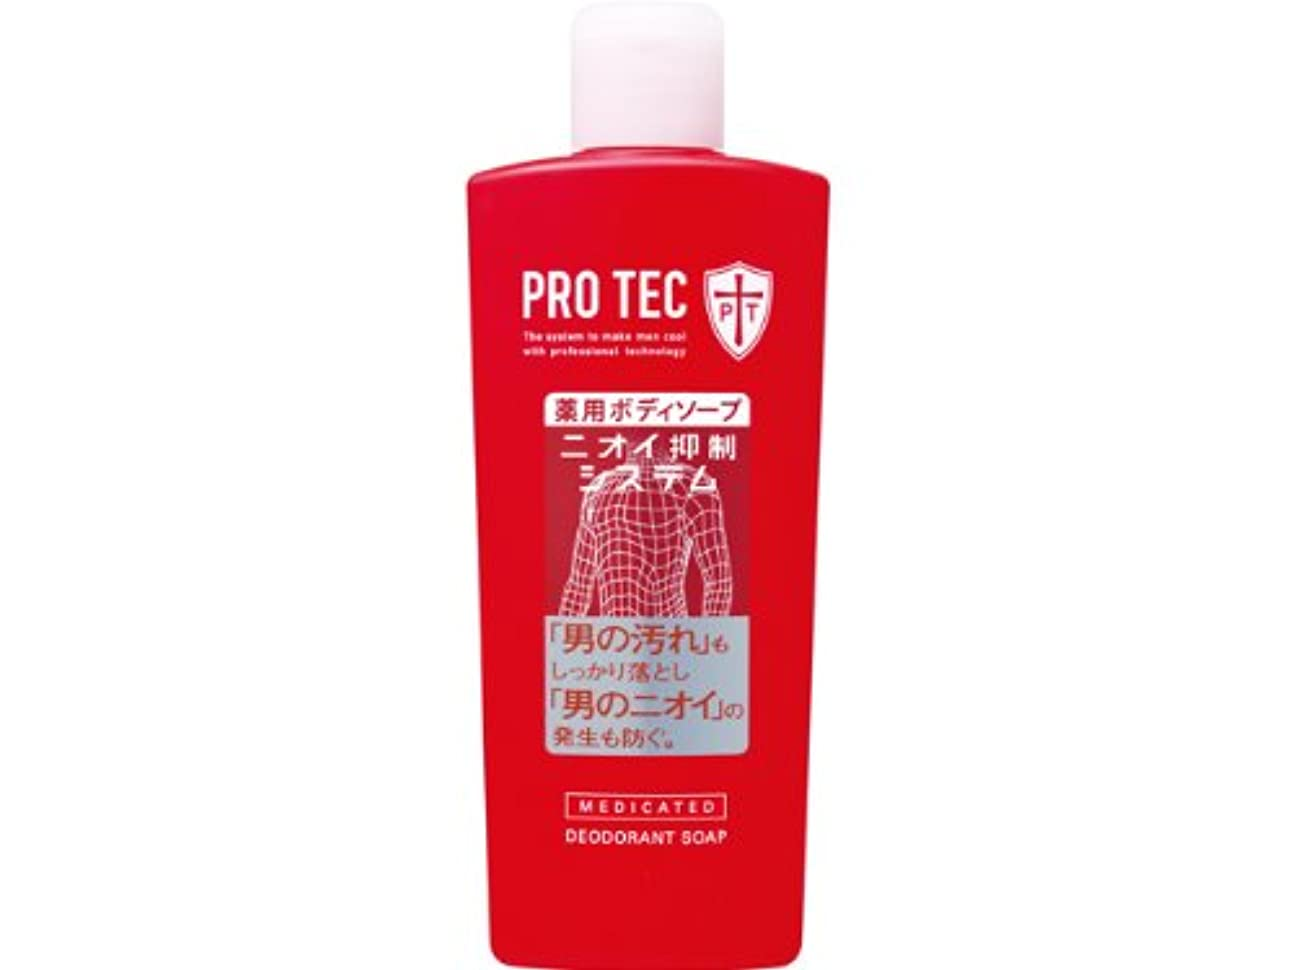 締め切り全国ペンスPRO TEC(プロテク) デオドラントソープ 300ml